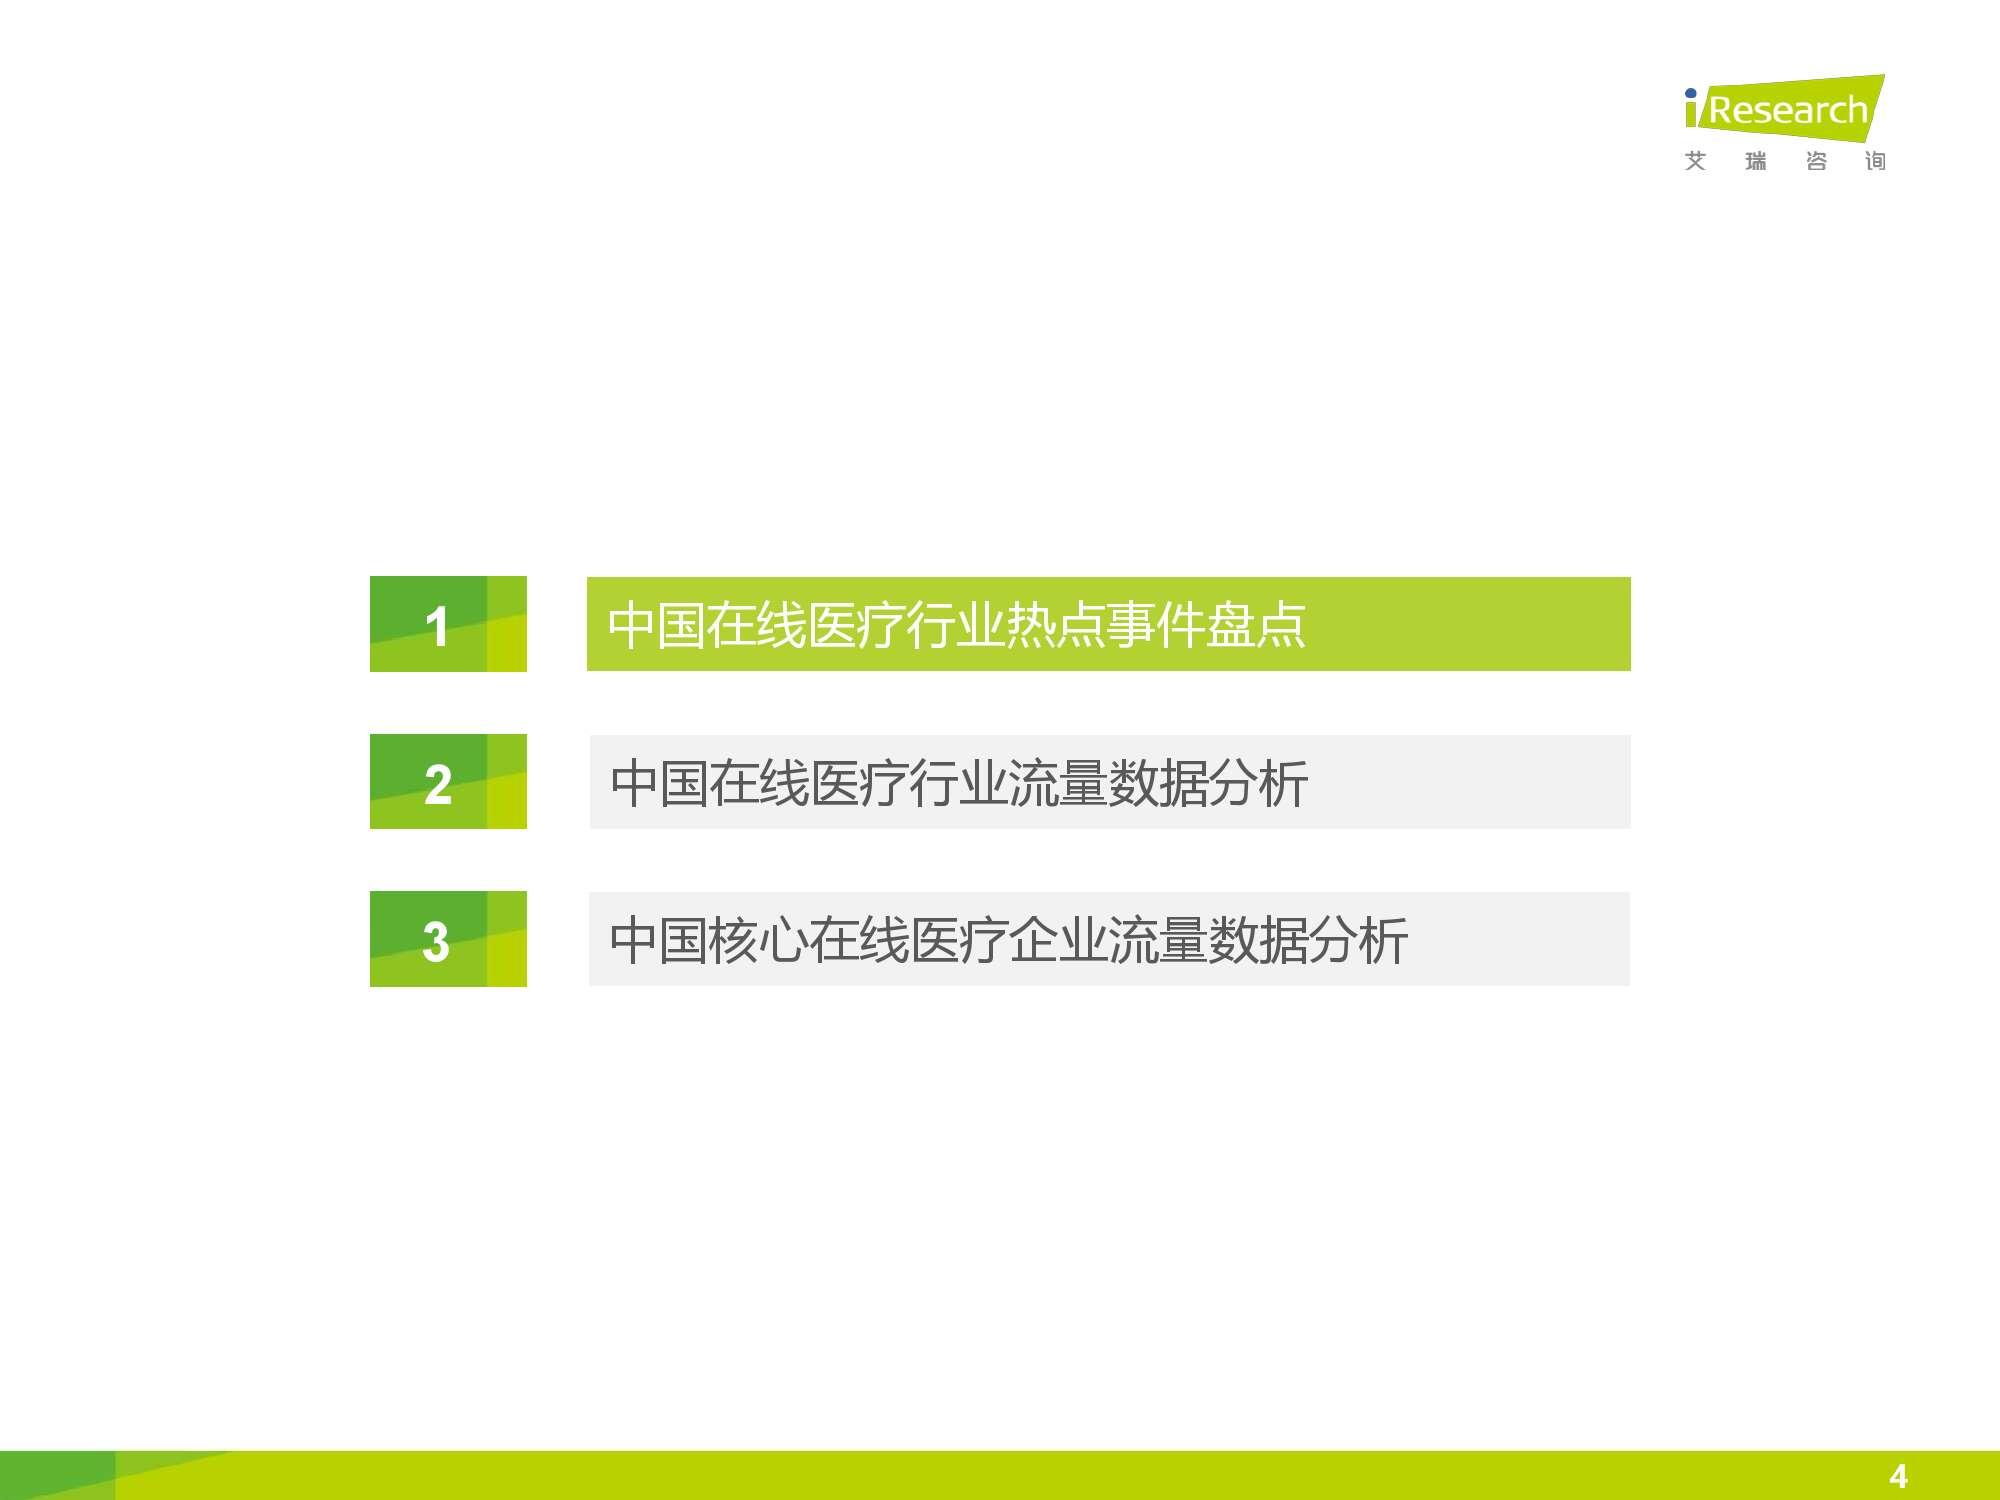 2016年中国在线医疗行业数据监测报告_000004